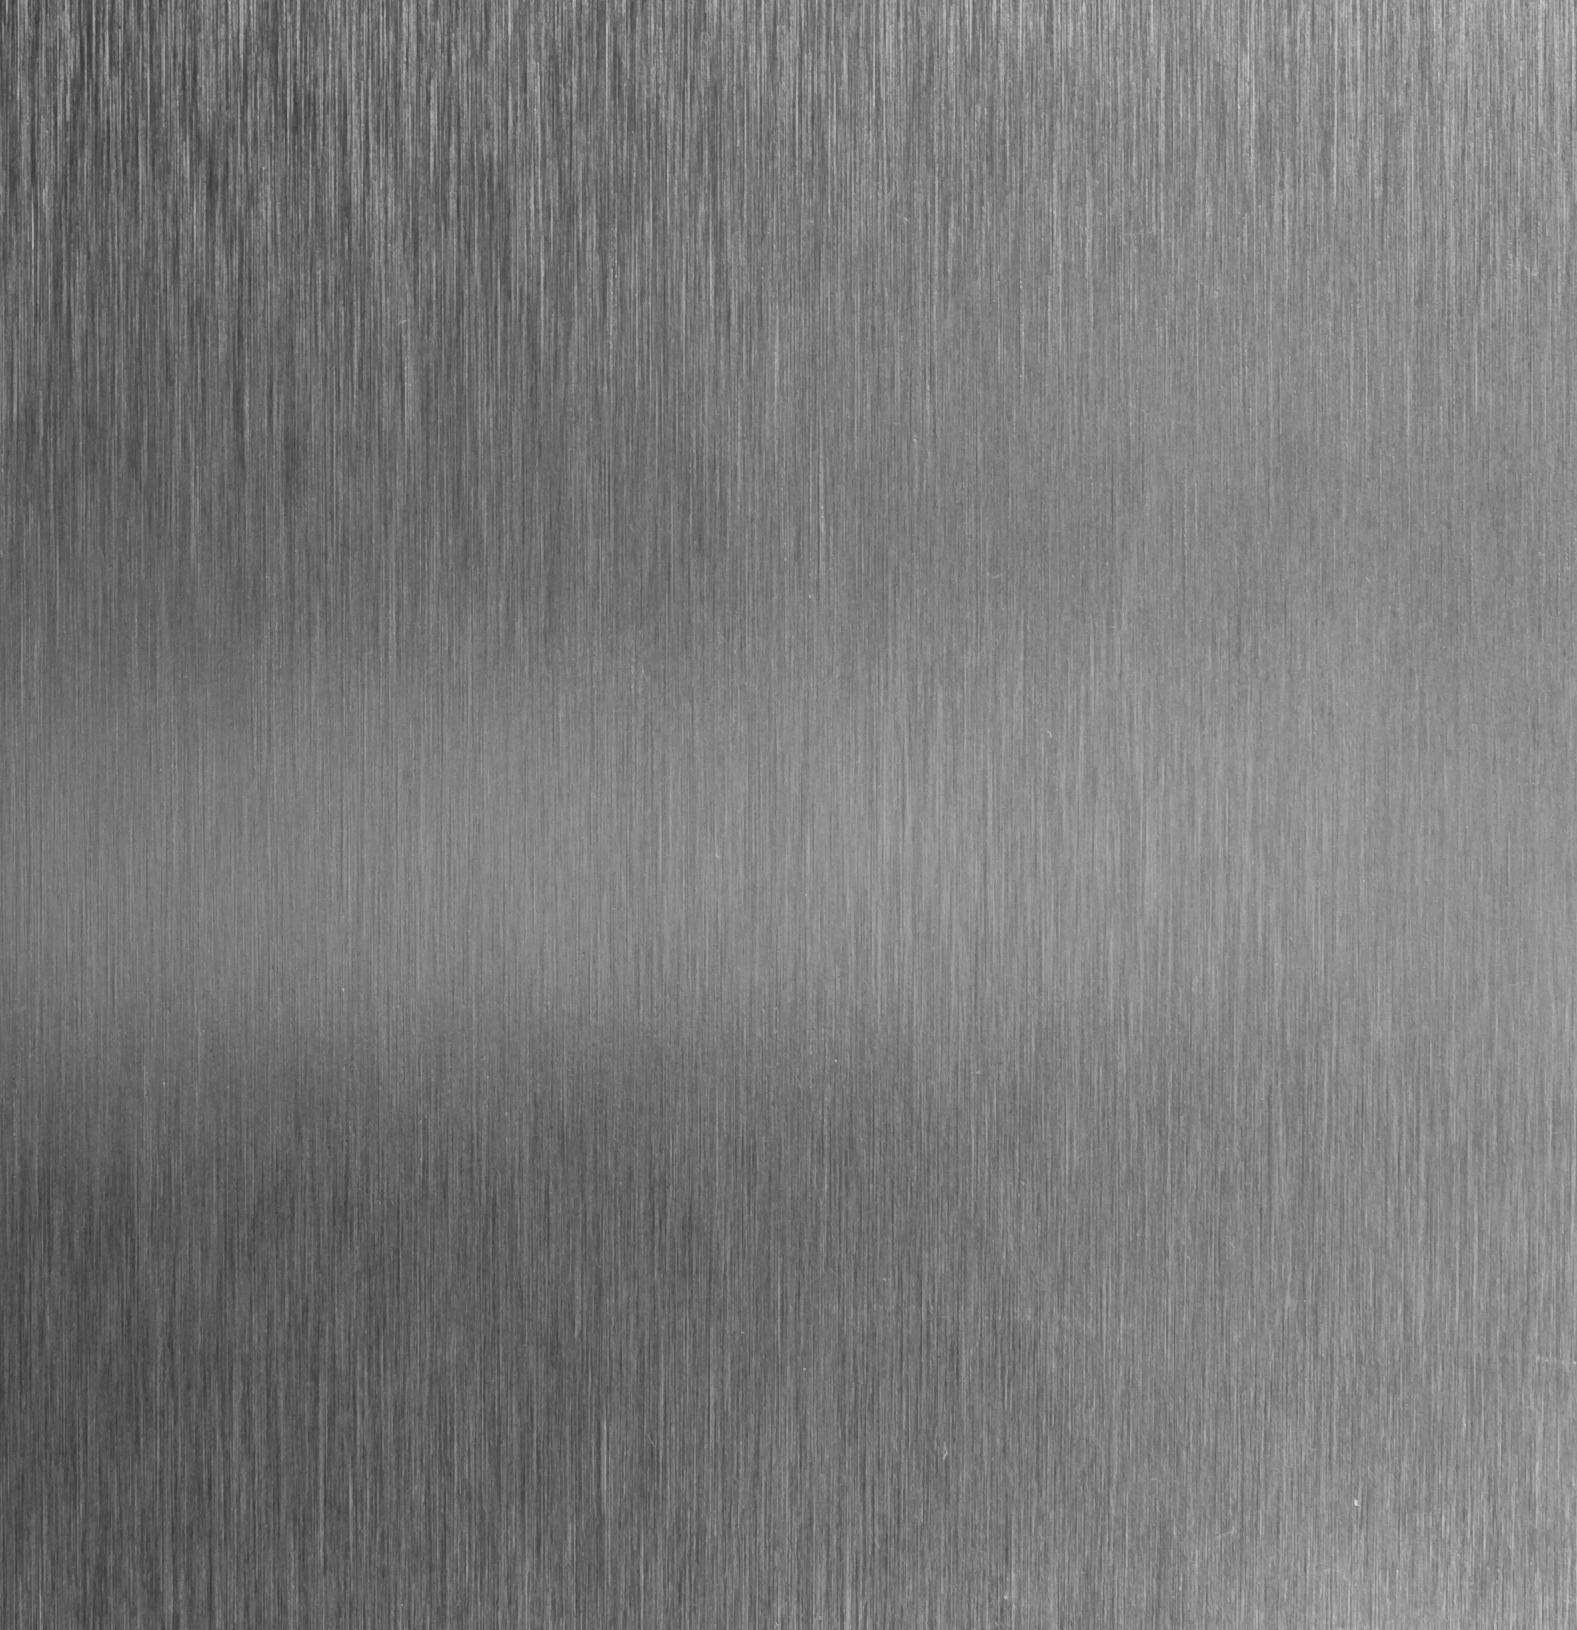 Stainless-Steel-Sample.jpg